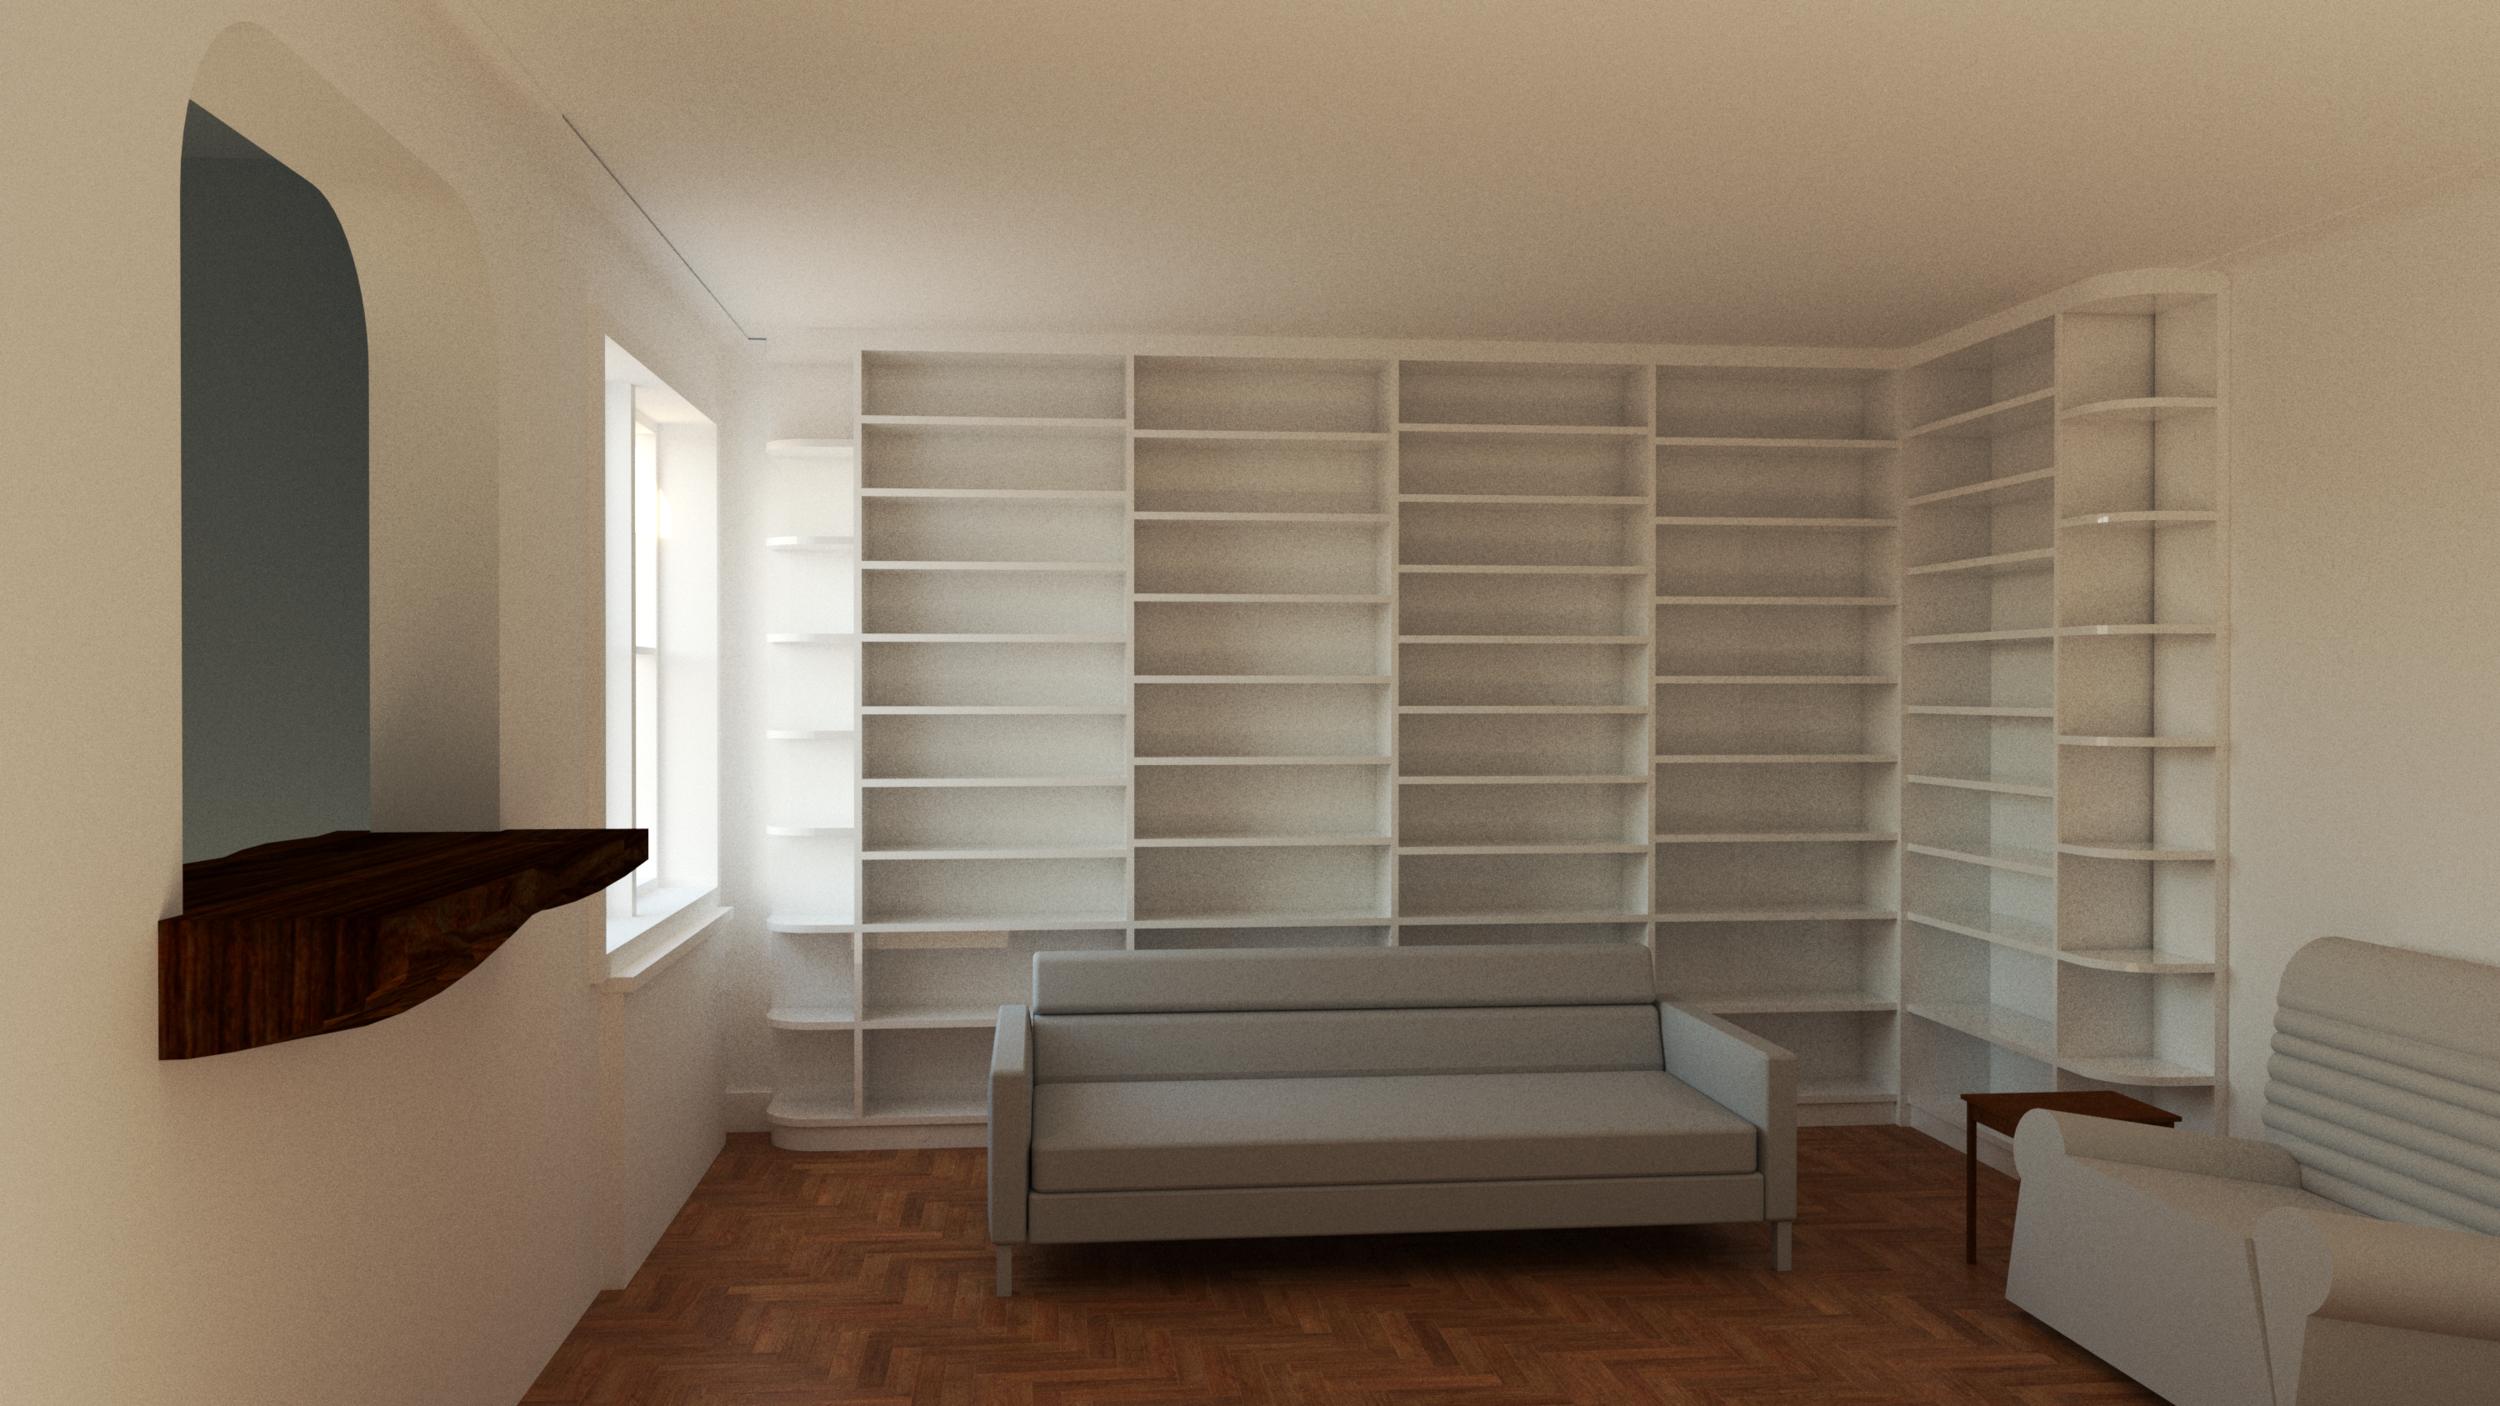 Floor-to-ceiling bookshelves -